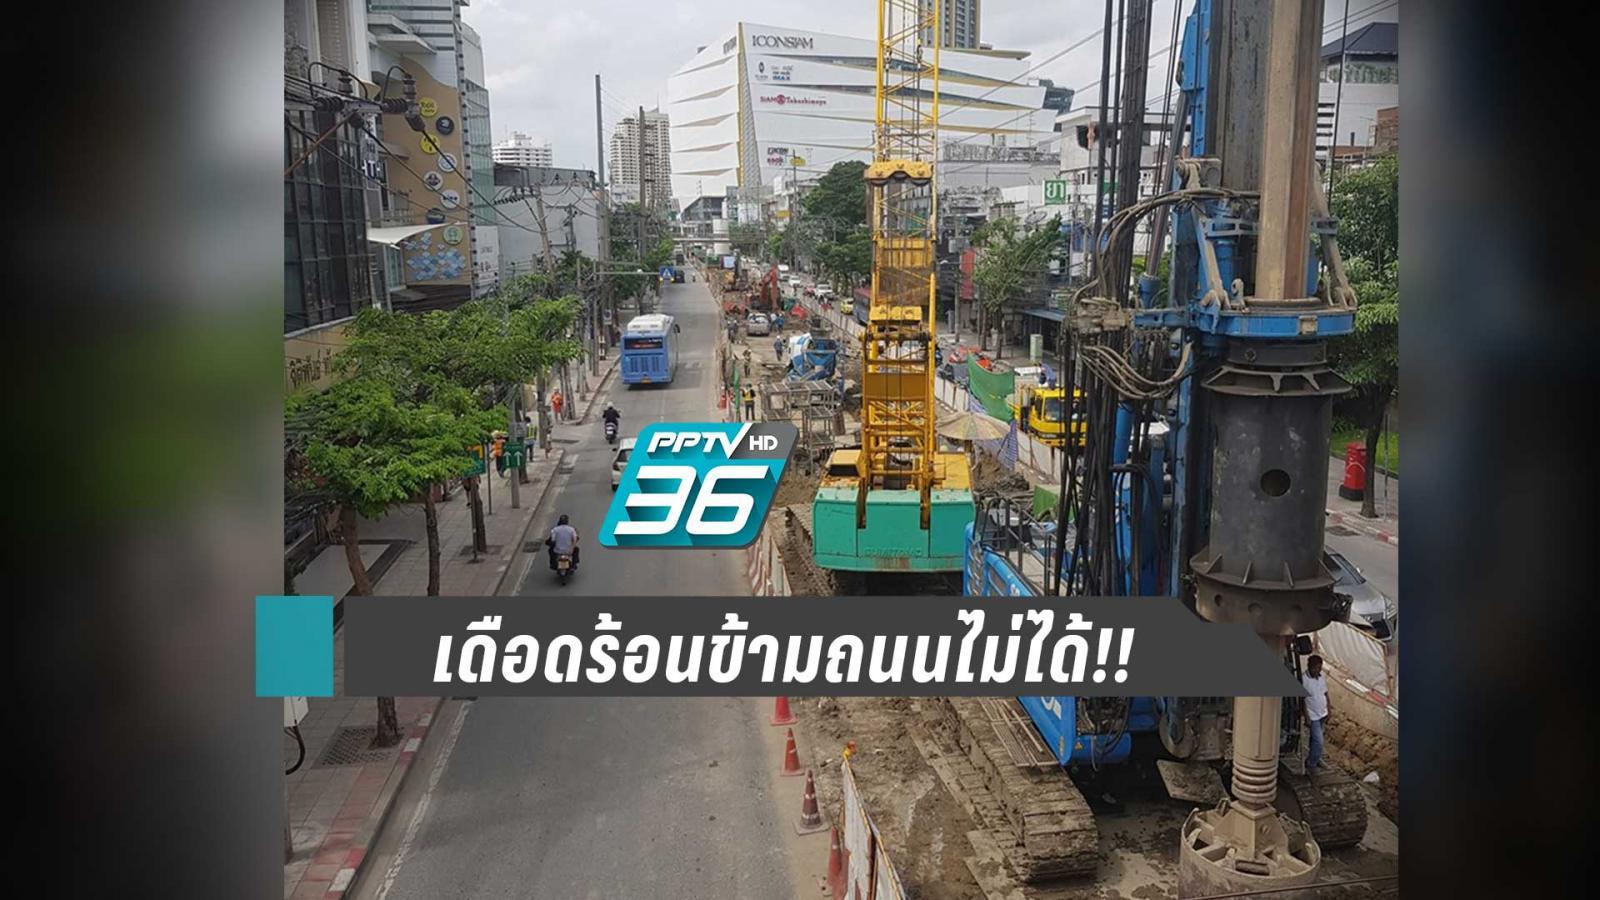 เดือดร้อน!! สร้างรถไฟฟ้าสายสีทอง ปิดทางข้ามถนนทั้งหมด